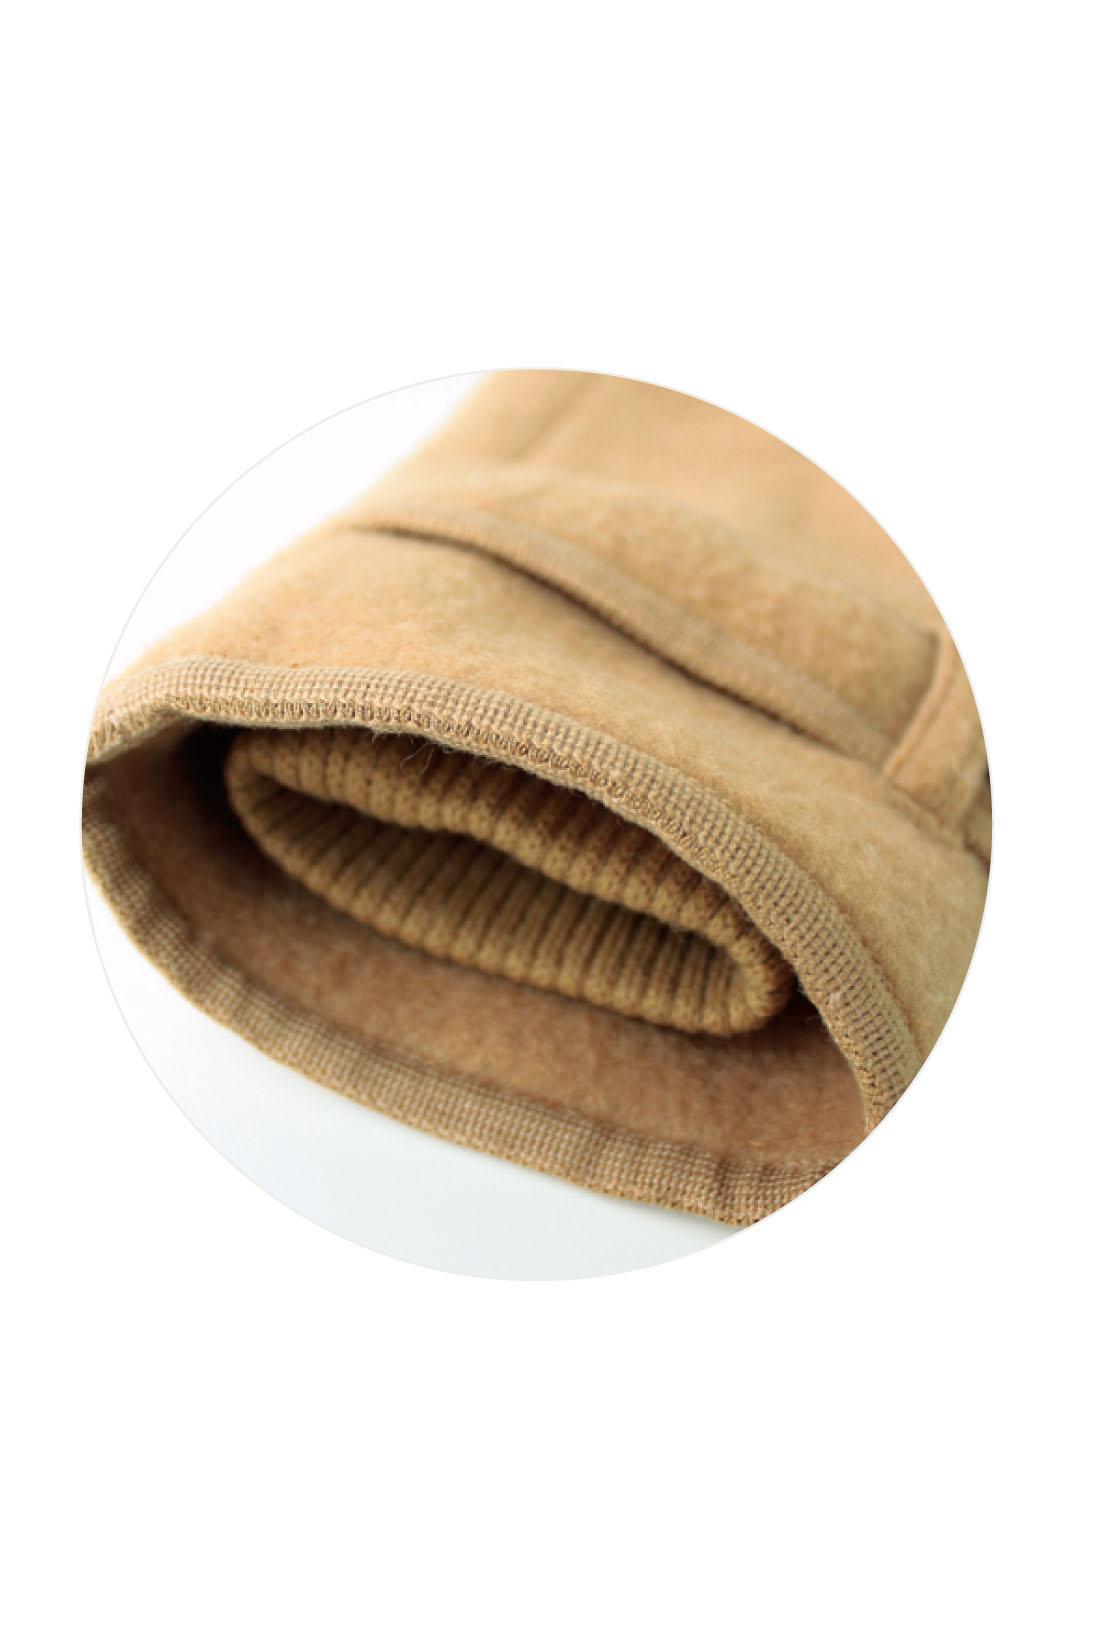 内側にリブを仕込んだ二重構造の袖口で、寒さをシャットアウト。